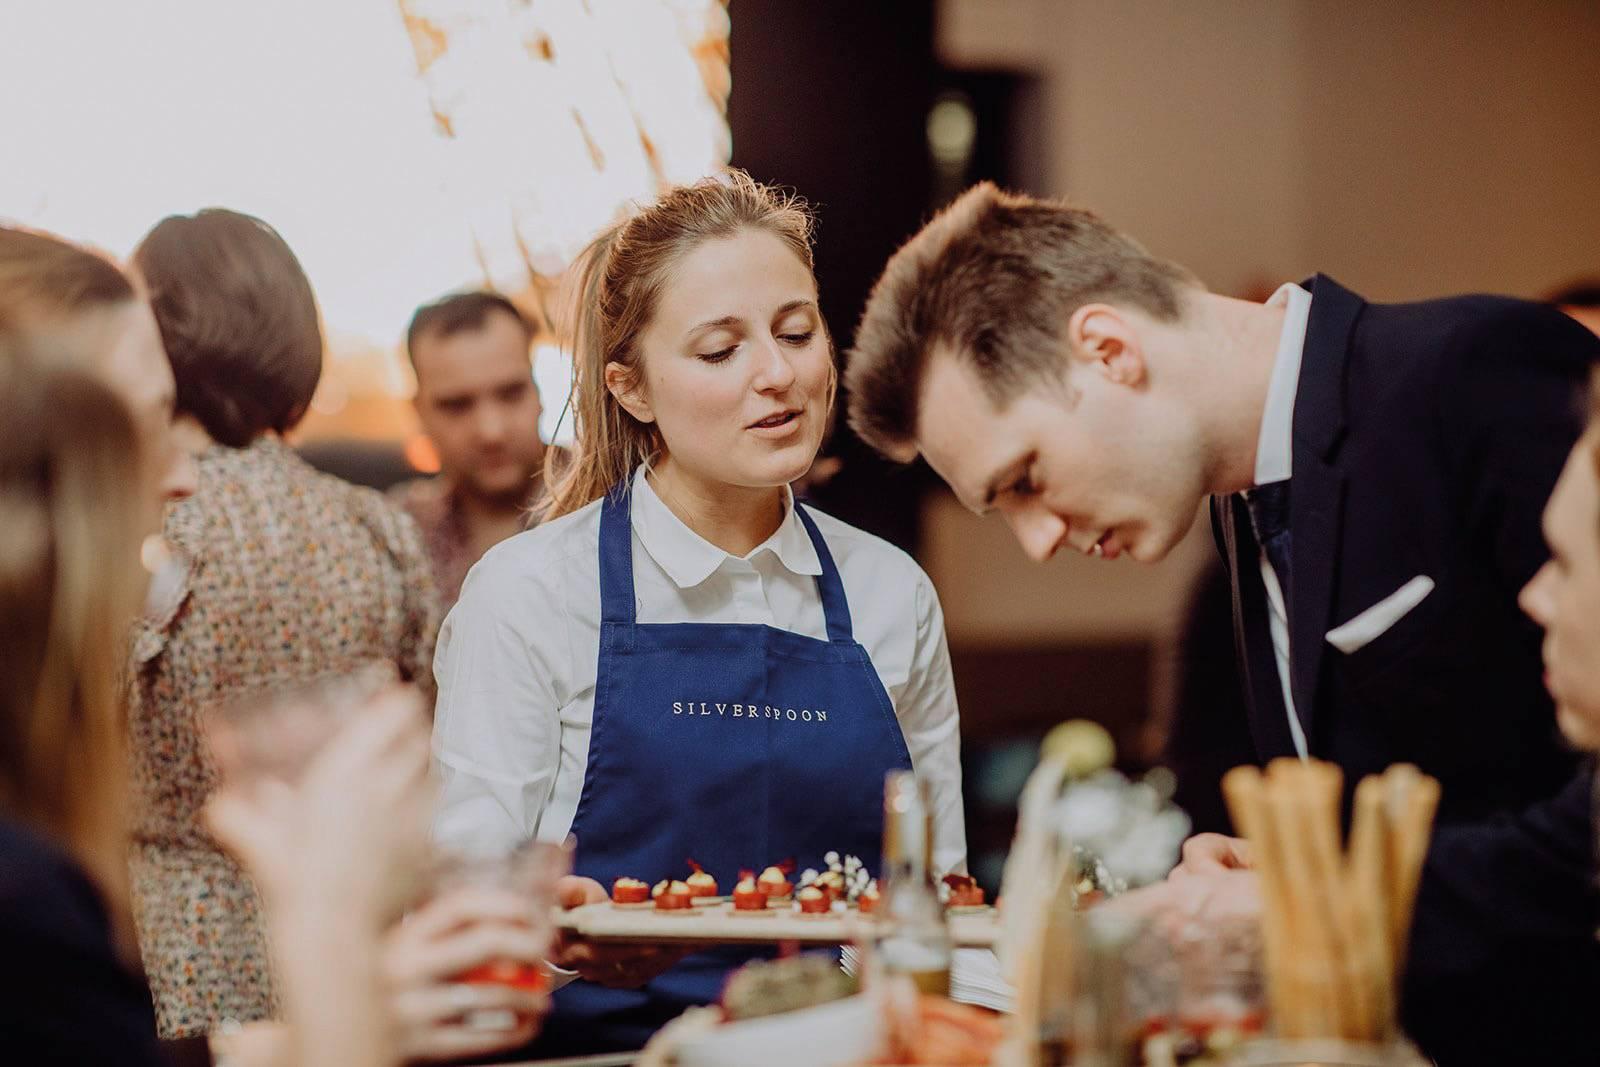 Silverspoon - Traiteur - Catering - Fotograaf LUX visual storytellers - House of Weddings- wia's 01